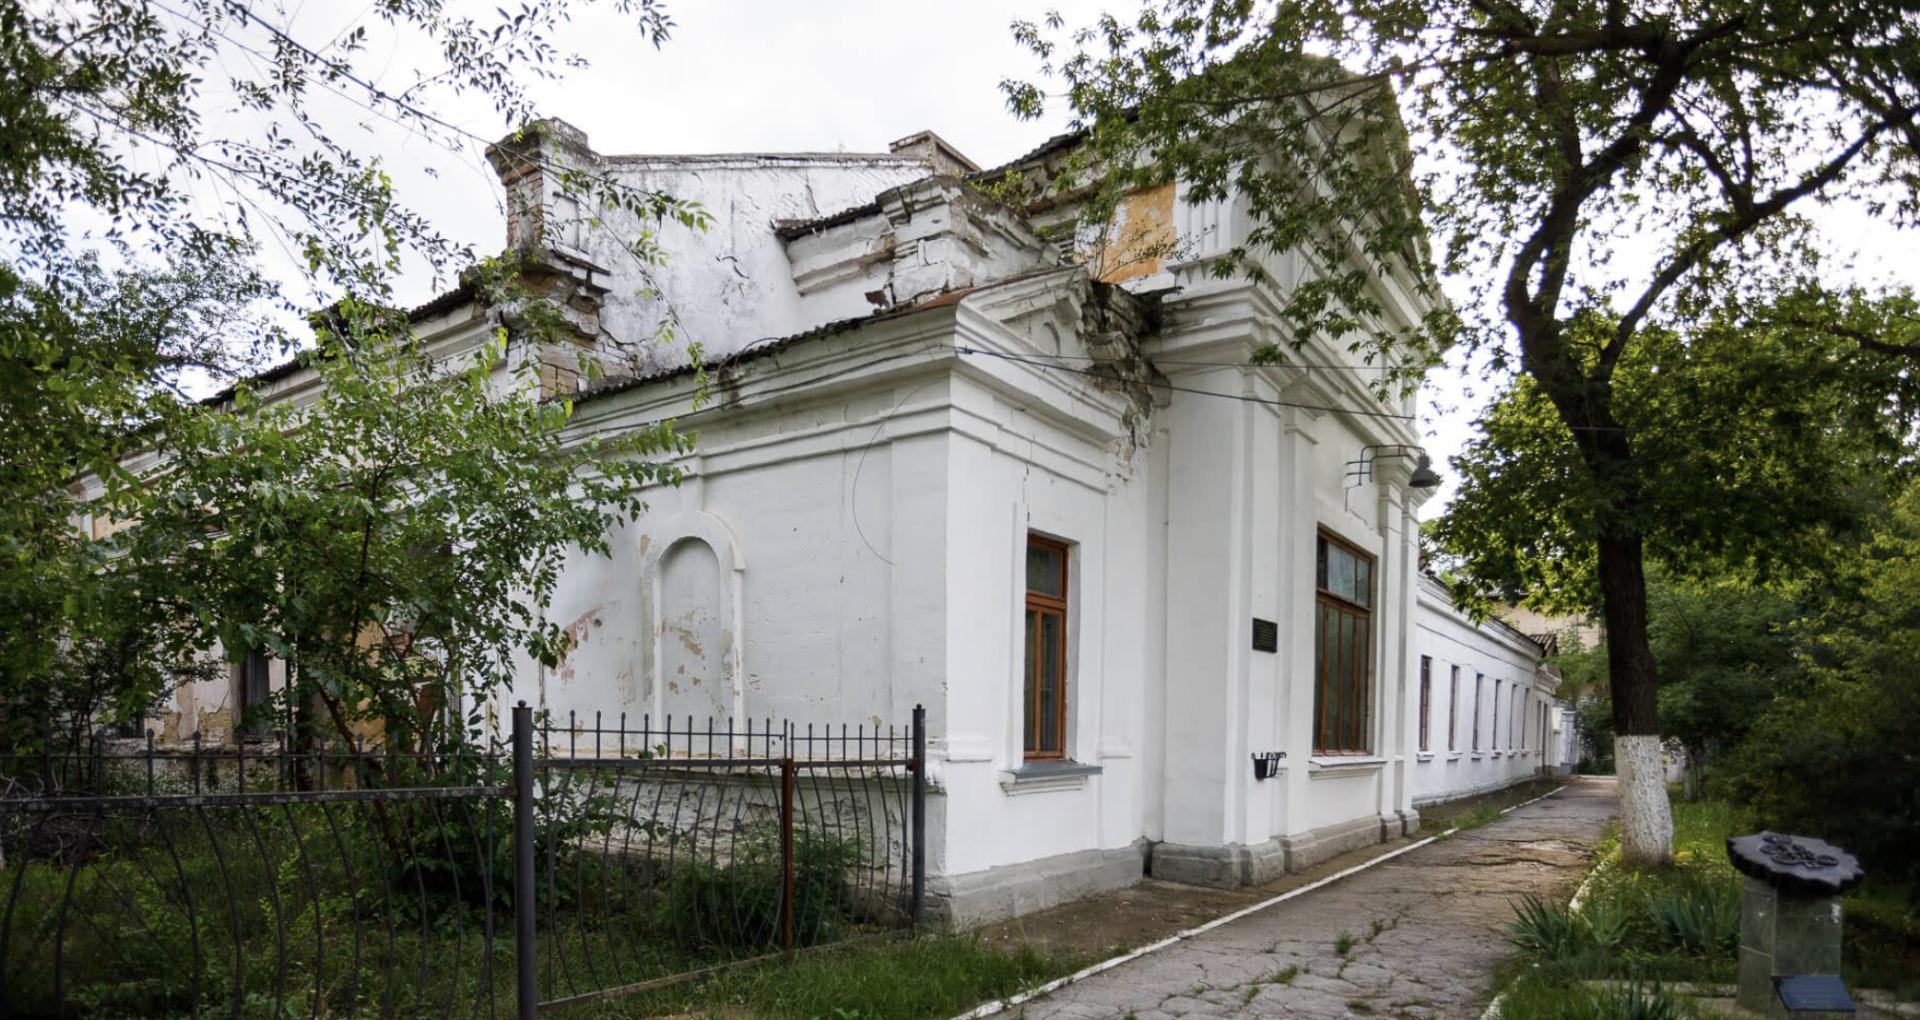 DOC/ Consiliul Național al Monumentelor Istorice are o nouă componență. Membrii anteriori nu și-au dus mandatul până la final